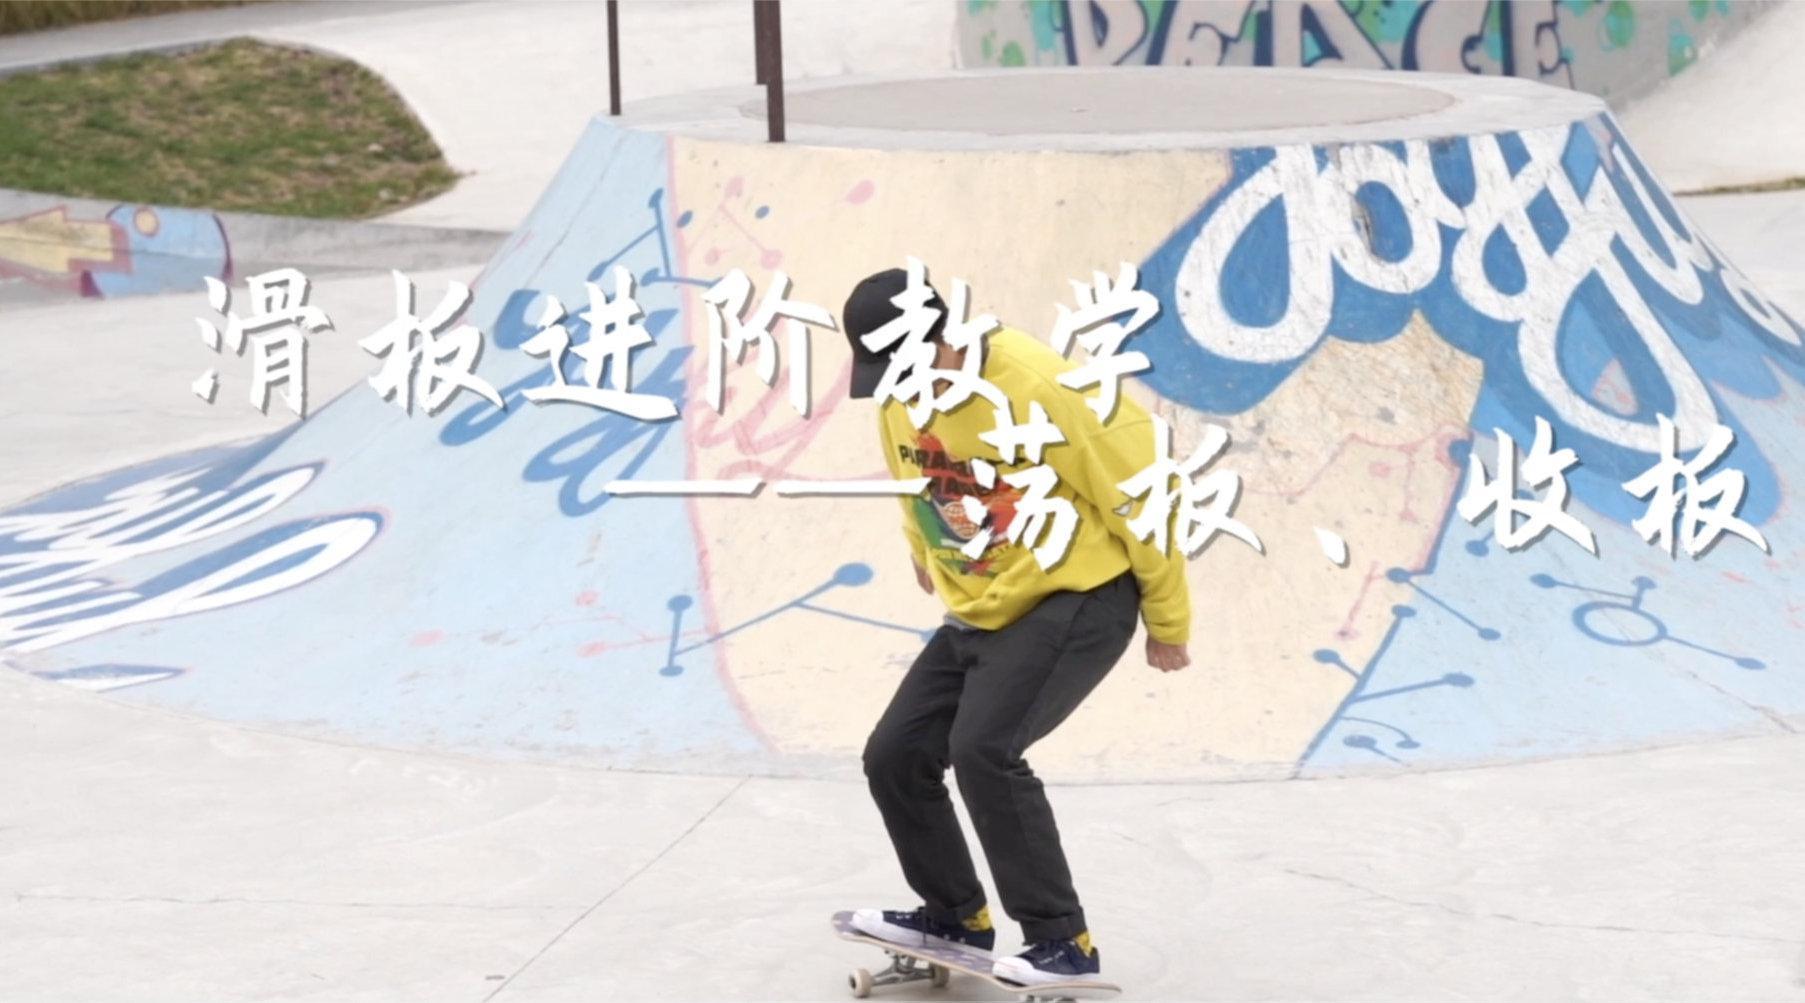 滑板入门教学第二课~ 这一期我们来讲如何荡板及收板🛹 可以快速